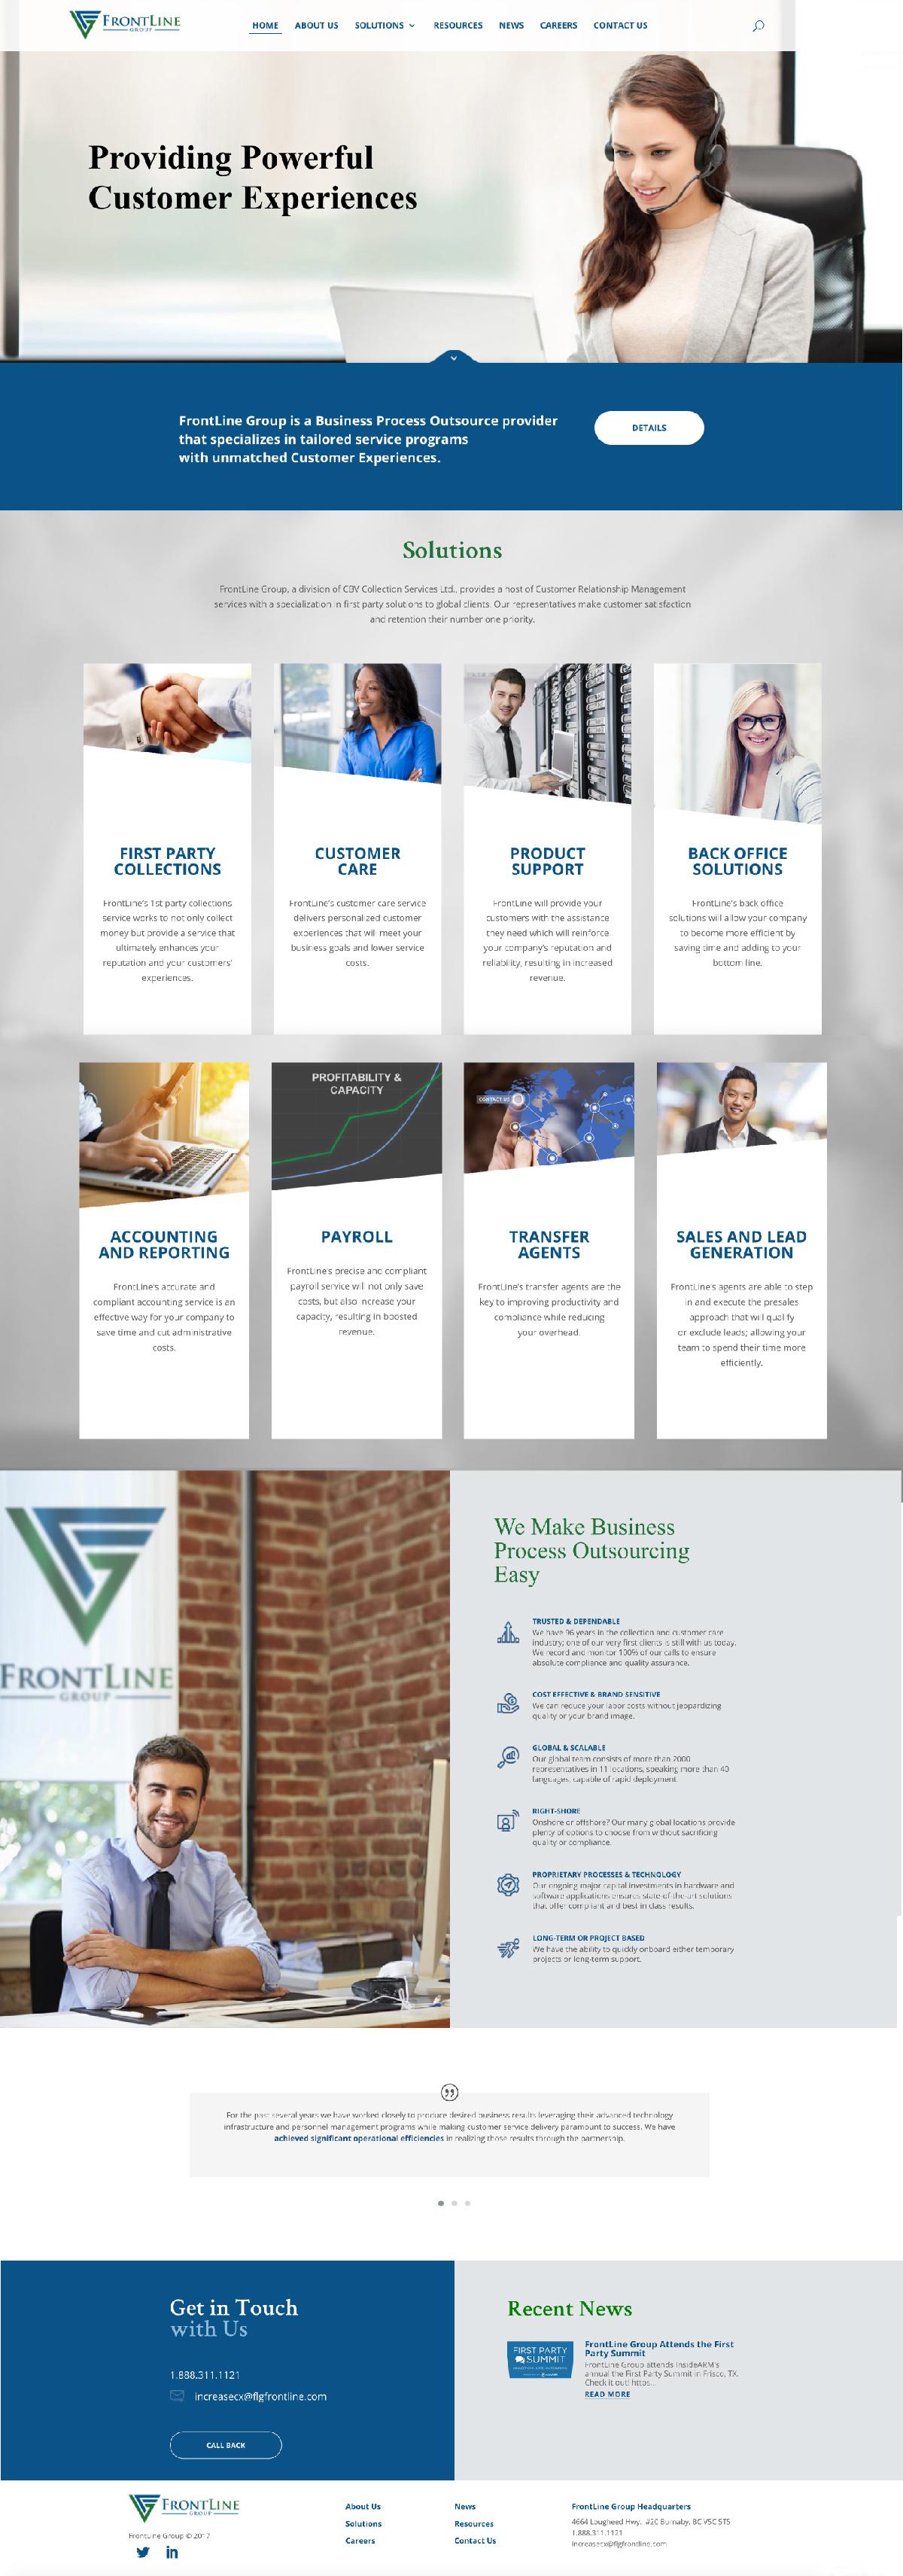 Frontline-Website-Development-After